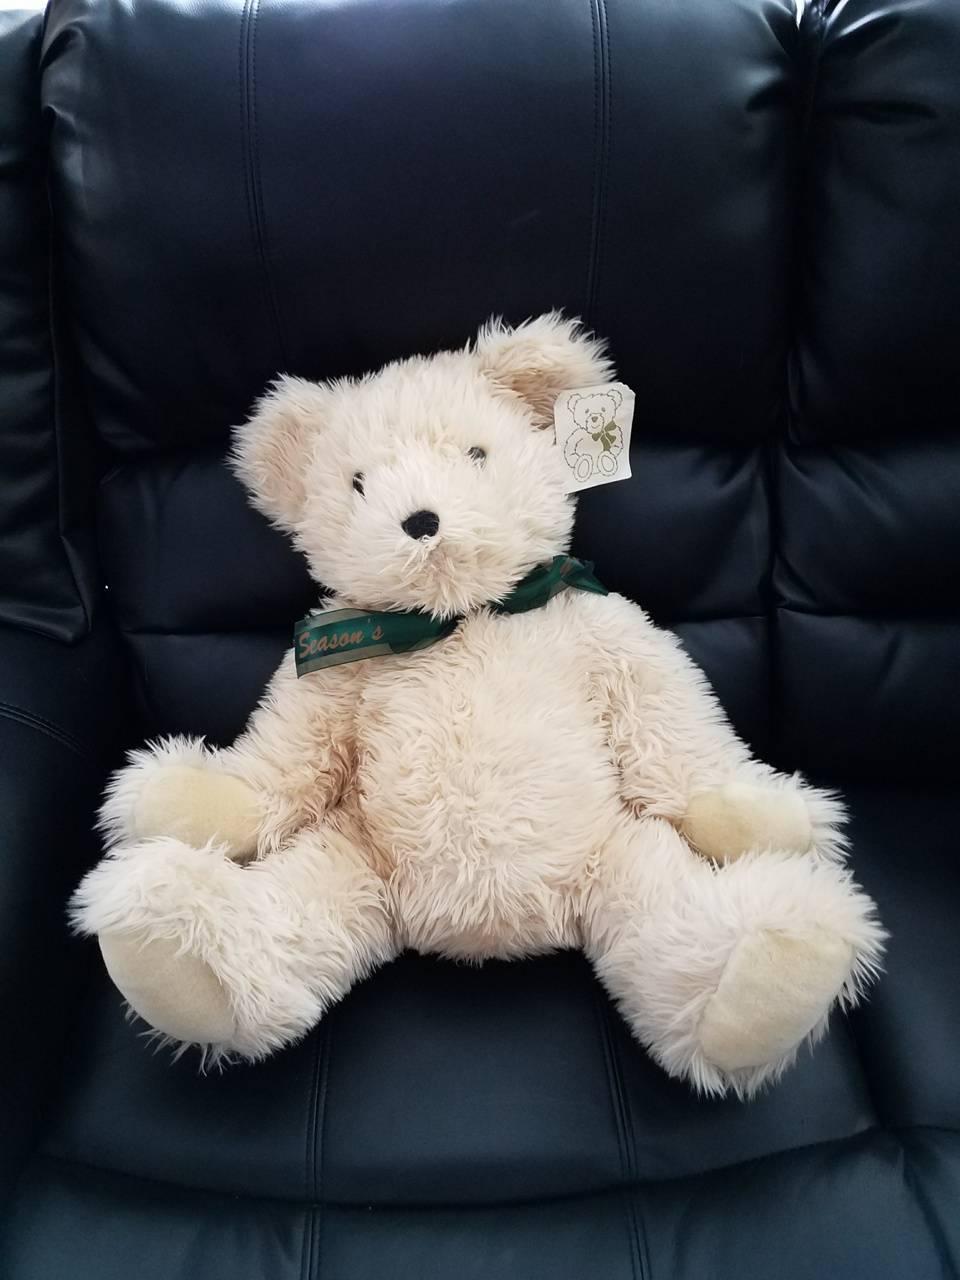 Teddy wants a hug